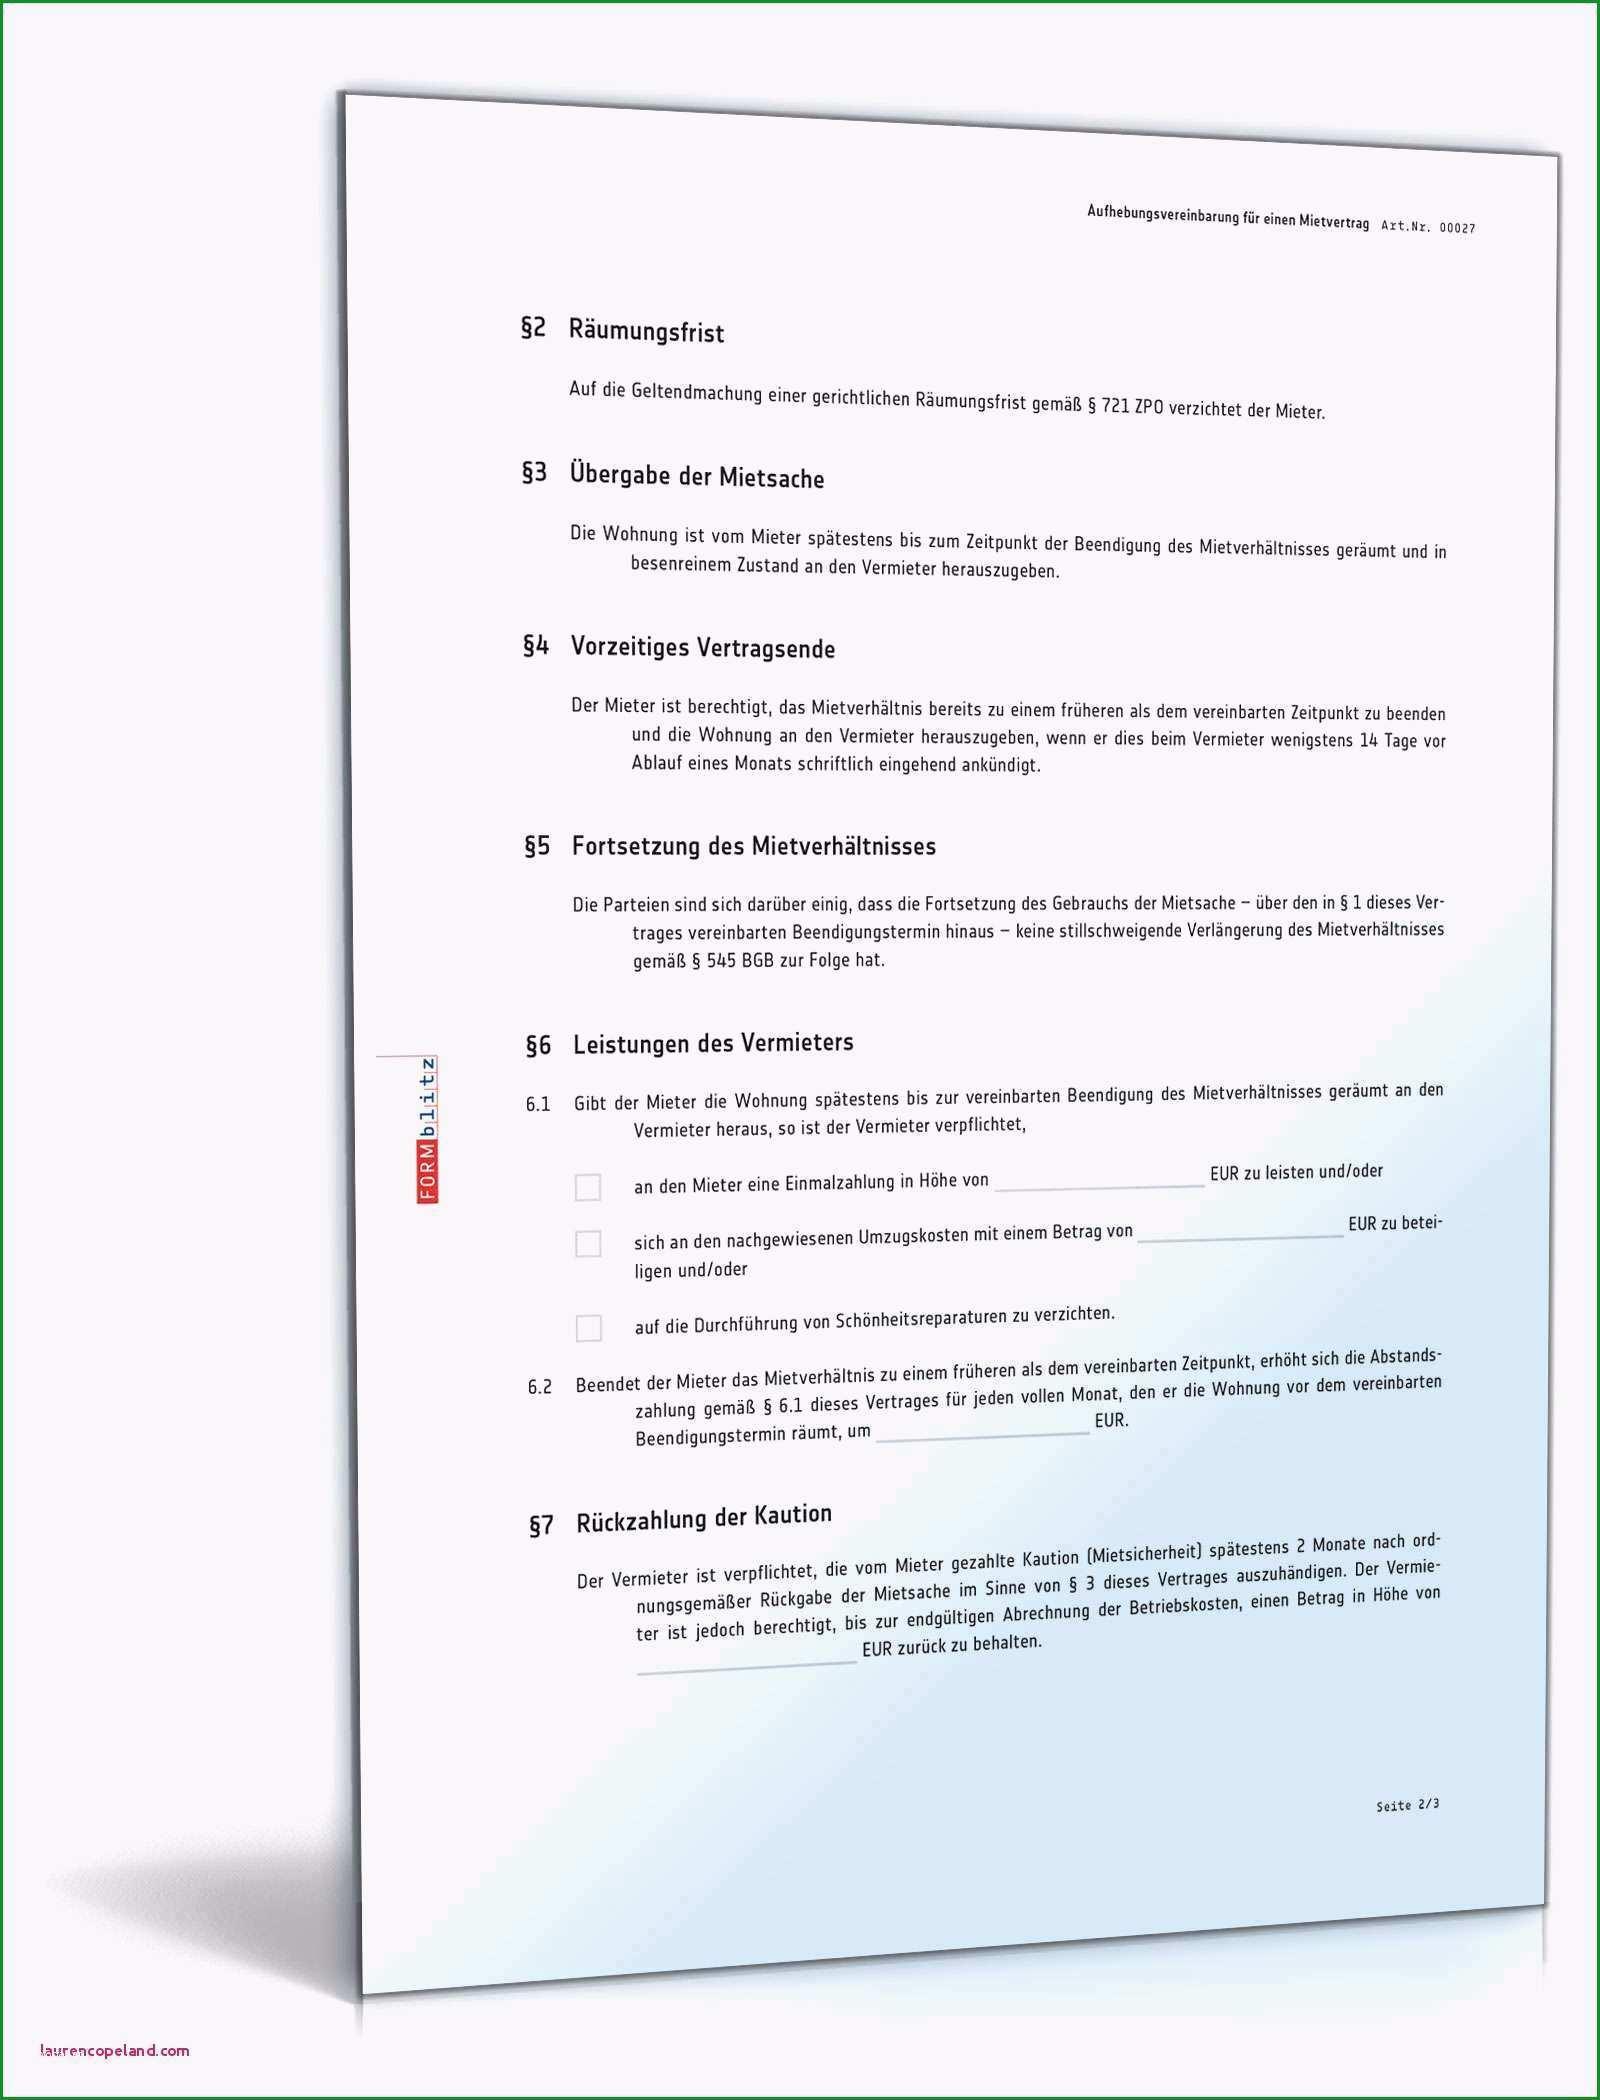 kundigung vertrag vorlage word 46 schoen sammlung expose immobilien vorlage word